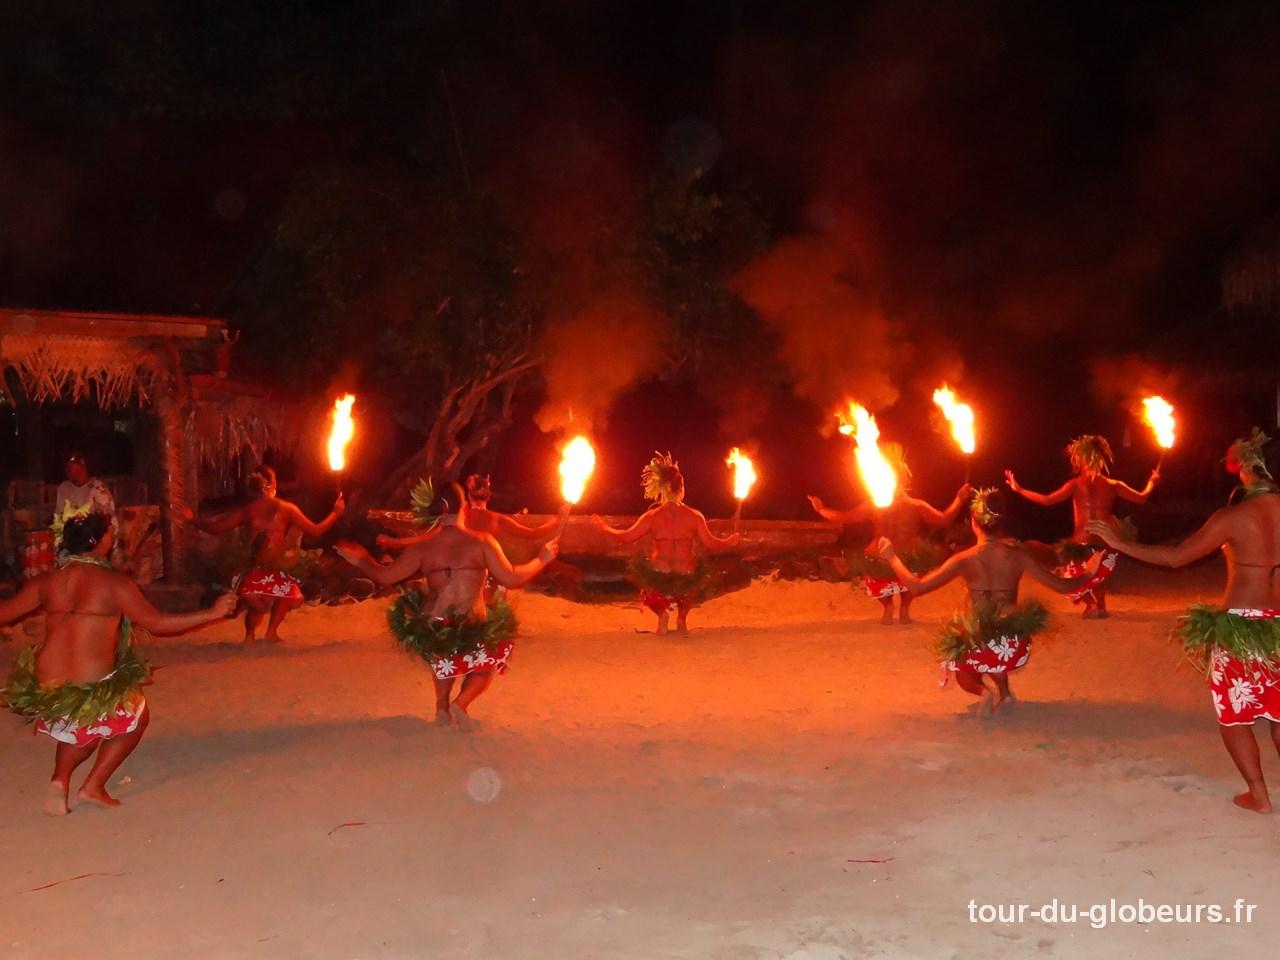 polynesie-moorea-2013-01-29-DSC06349-reduit